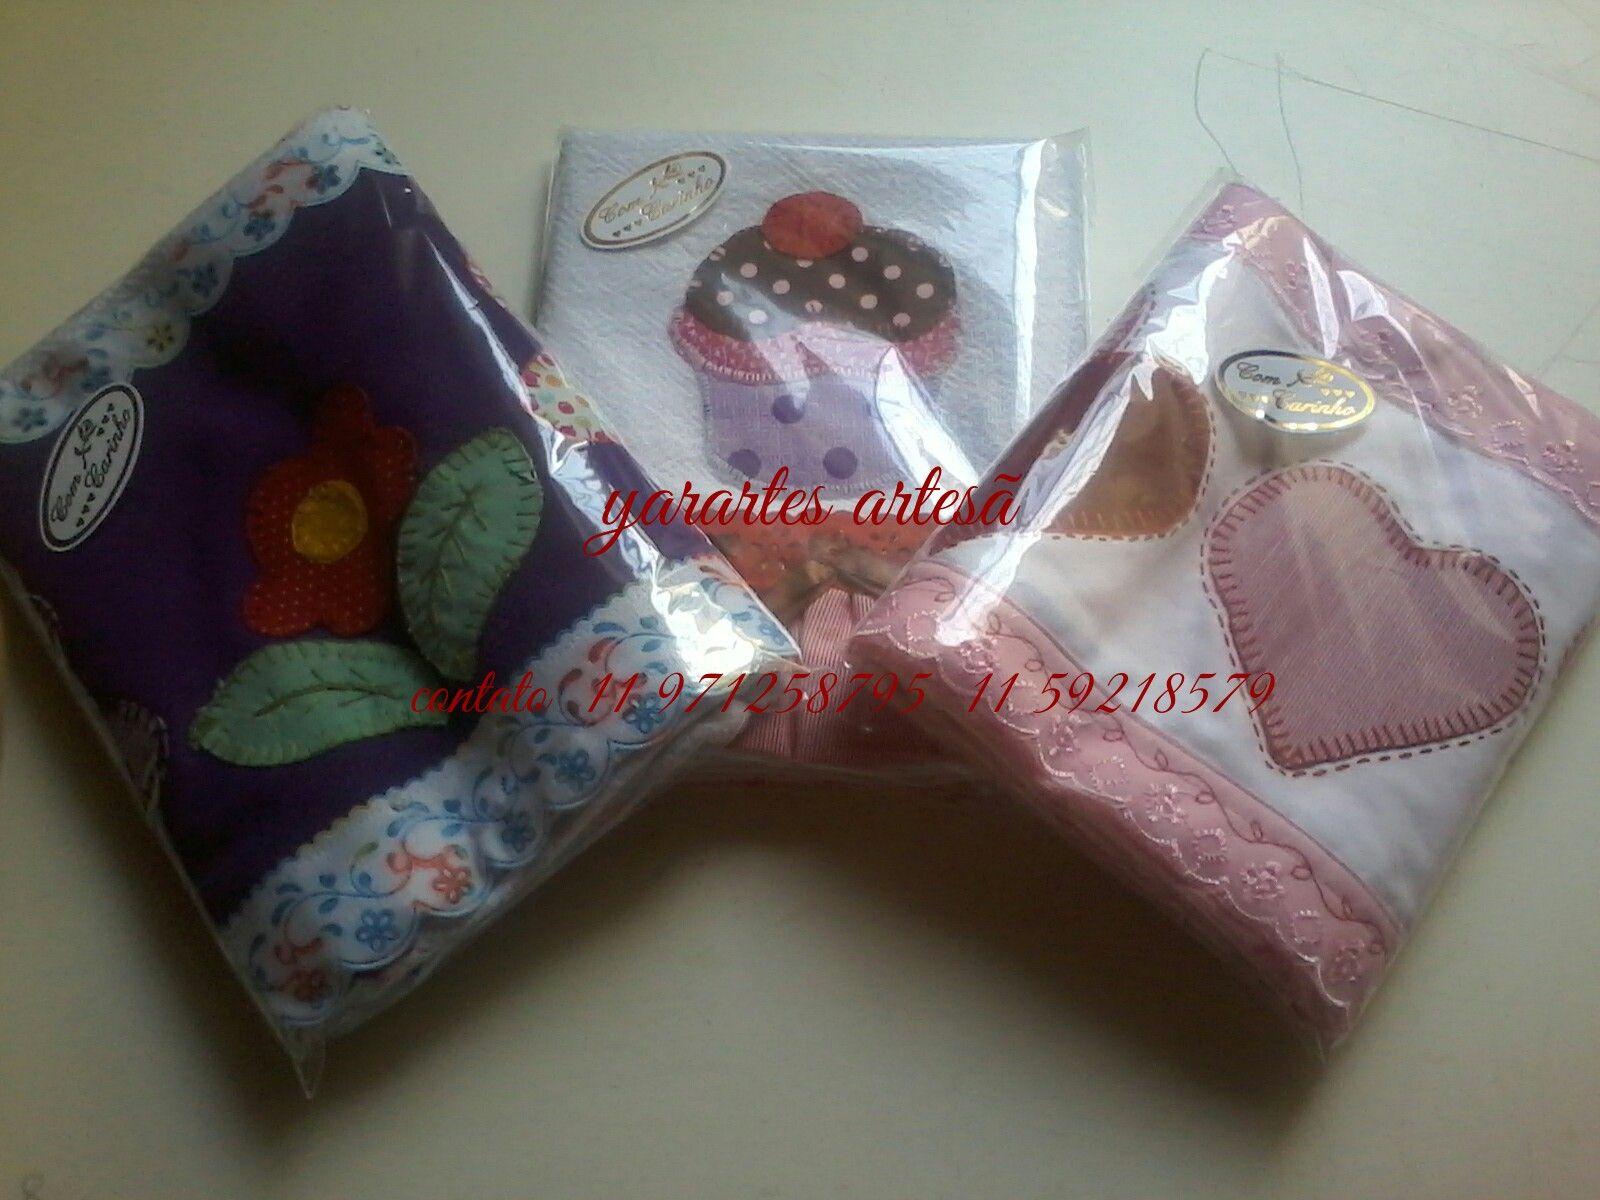 Pano de prato em patchwork  criado por yarartes artesã  contato 1159218579 11971258795 .aceito encomendas